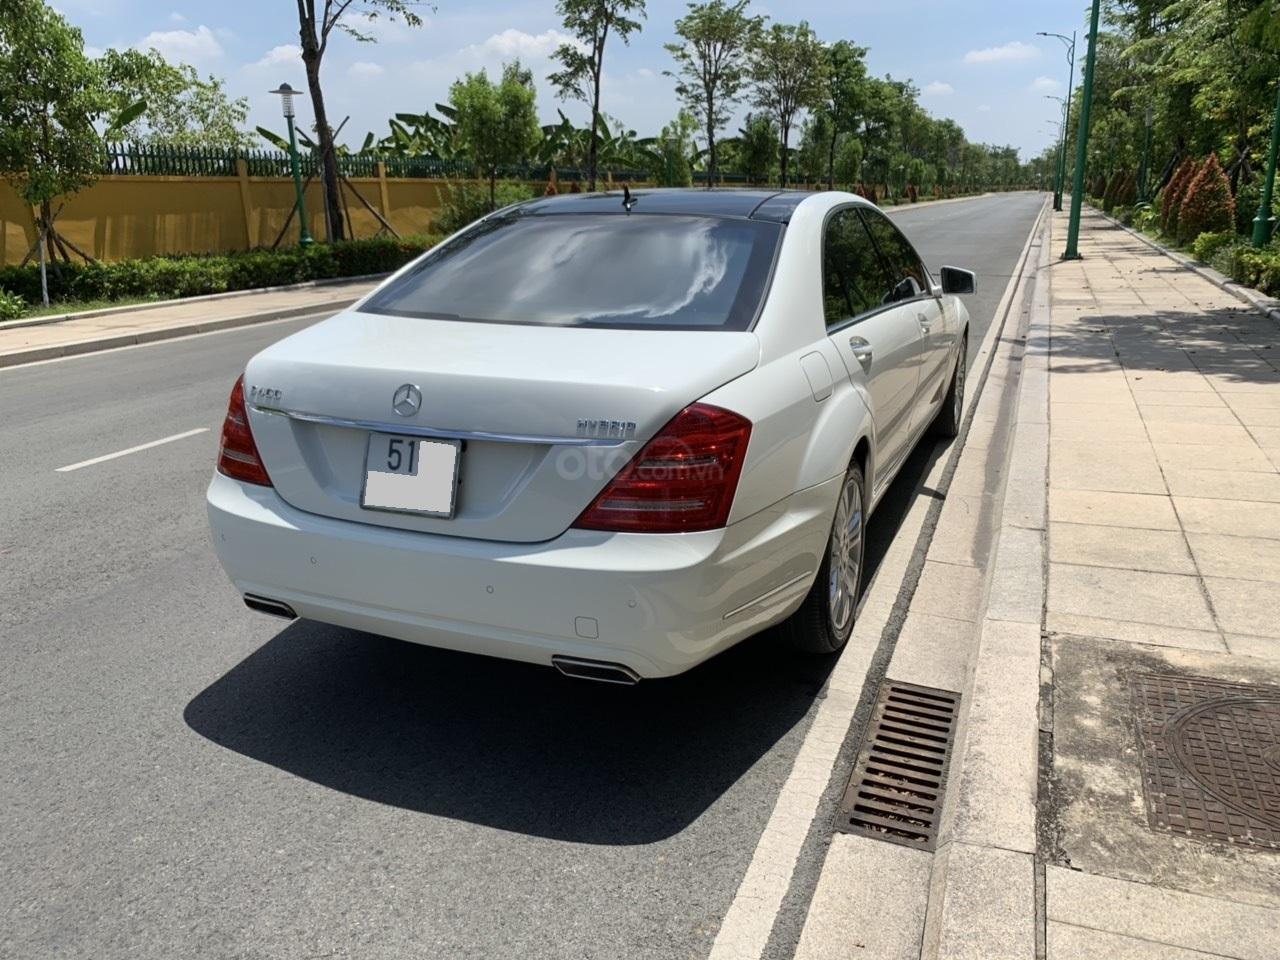 Mercedes S400 Hybrid 2012 nhập khẩu màu trắng, nội thất kem-17